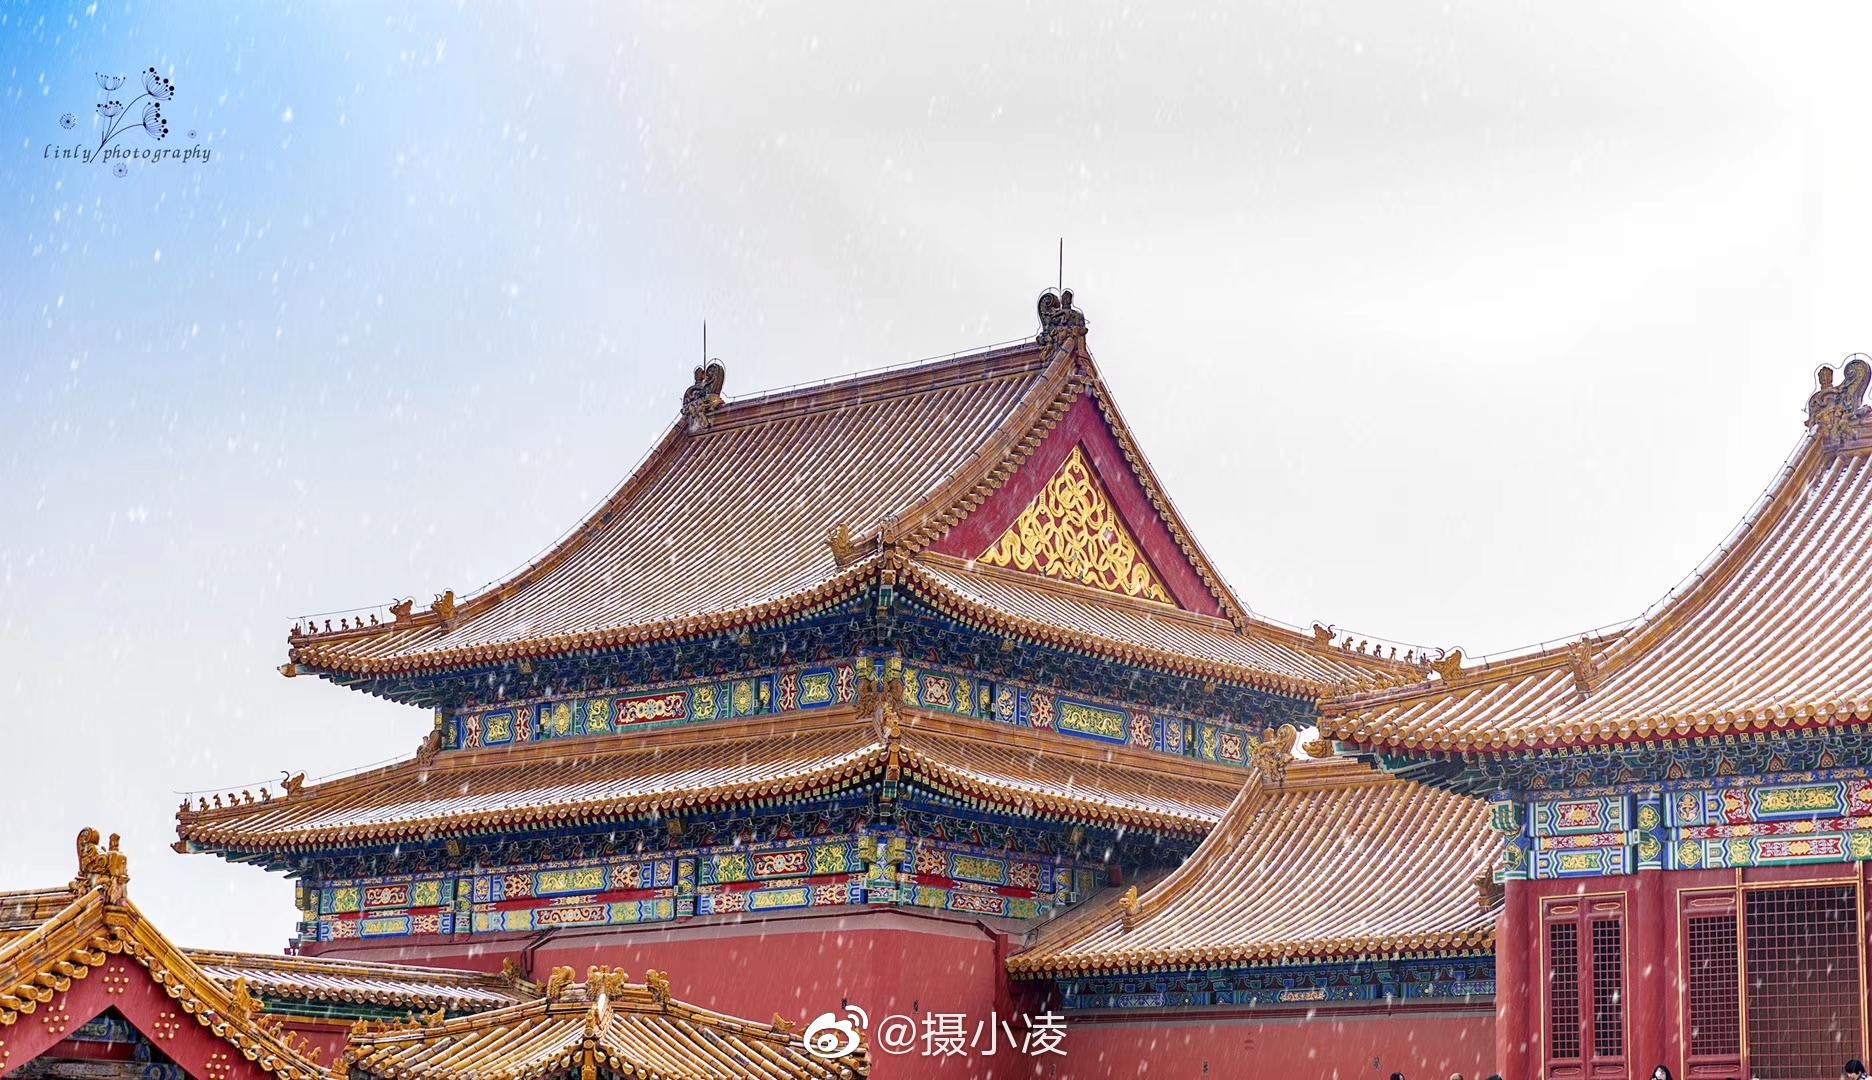 此刻的北京不是北京是晶莹剔透的北平 摄影人:@linlypu